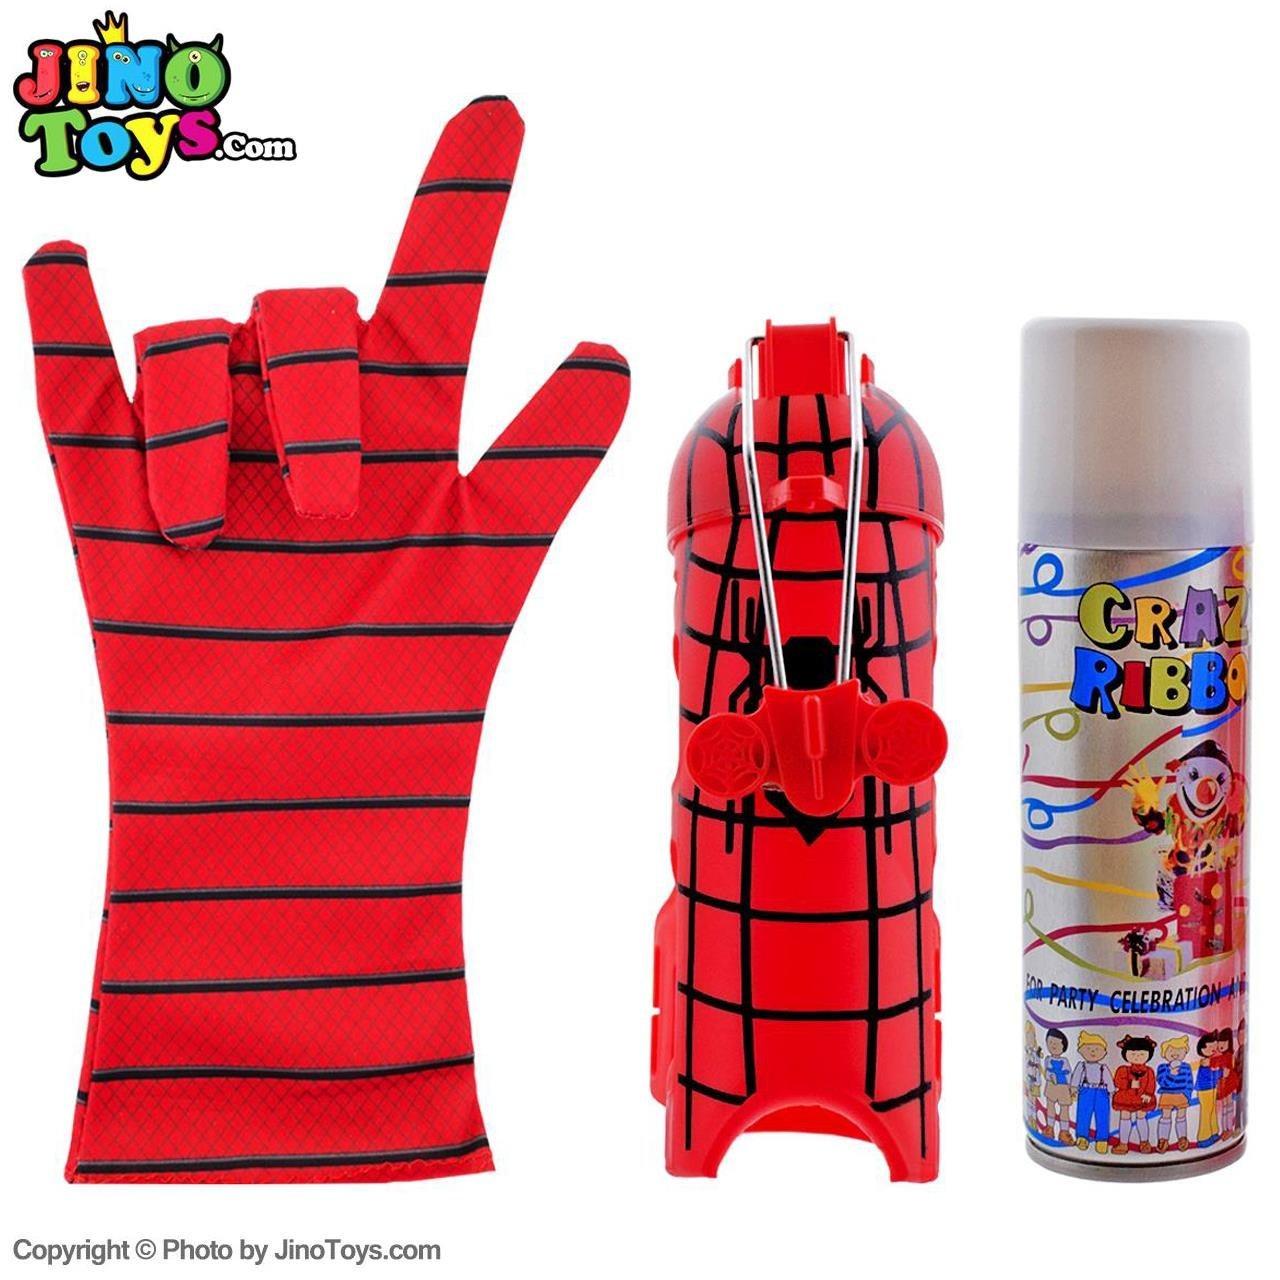 ست اسباب بازی پرتاب تار مرد عنکبوتی کد 733250 مجموعه 3 عددی